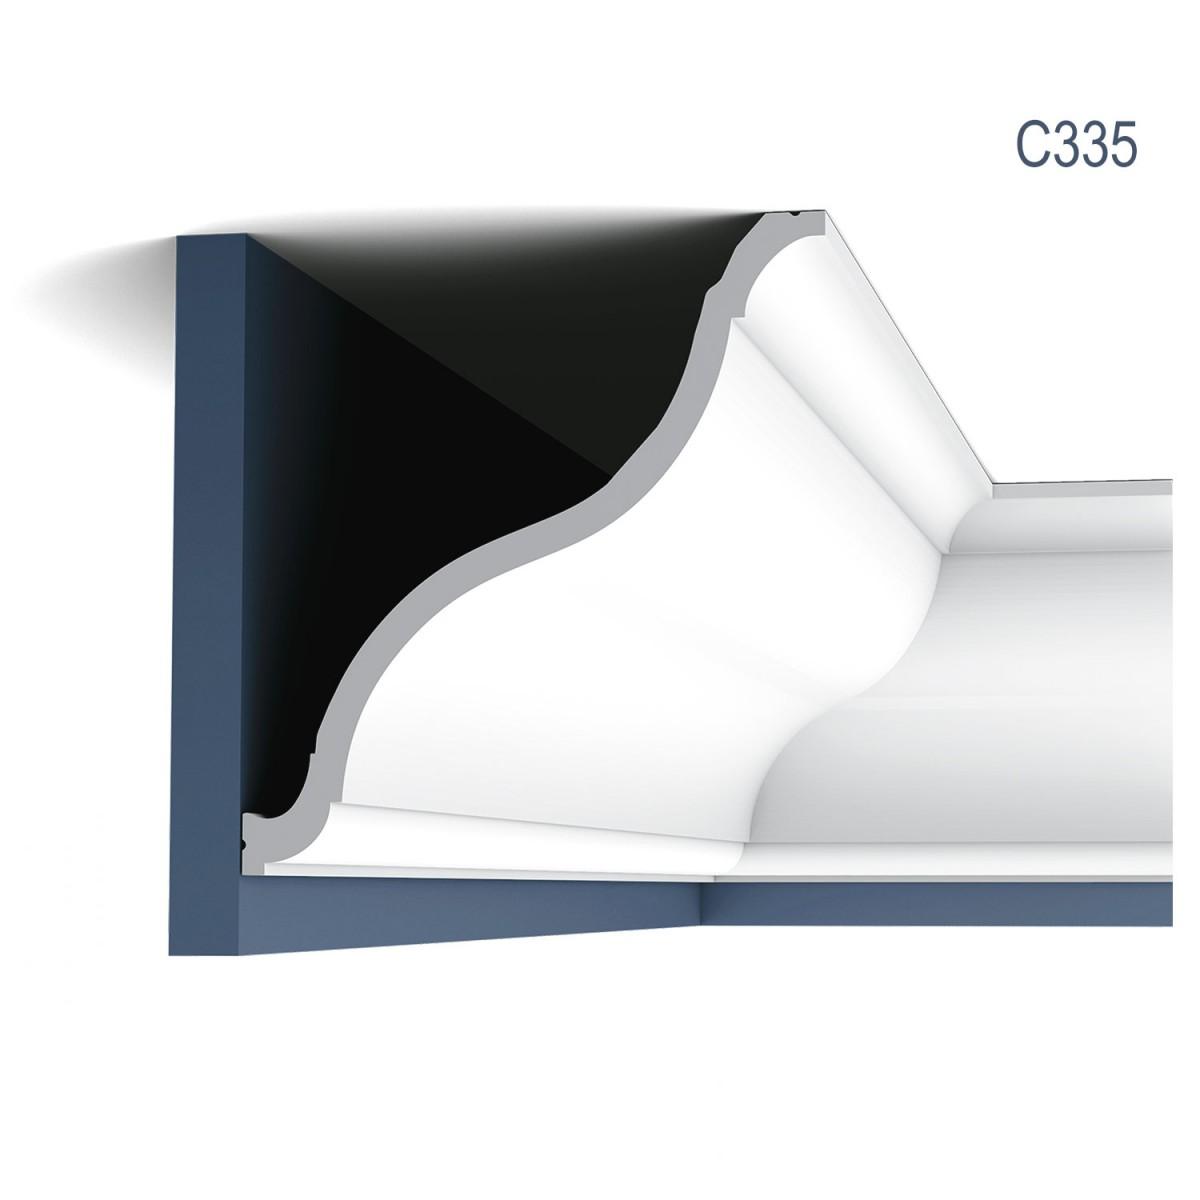 Cornisa Luxxus C335, Dimensiuni: 200 X 22.2 X 20.2 cm, Orac Decor